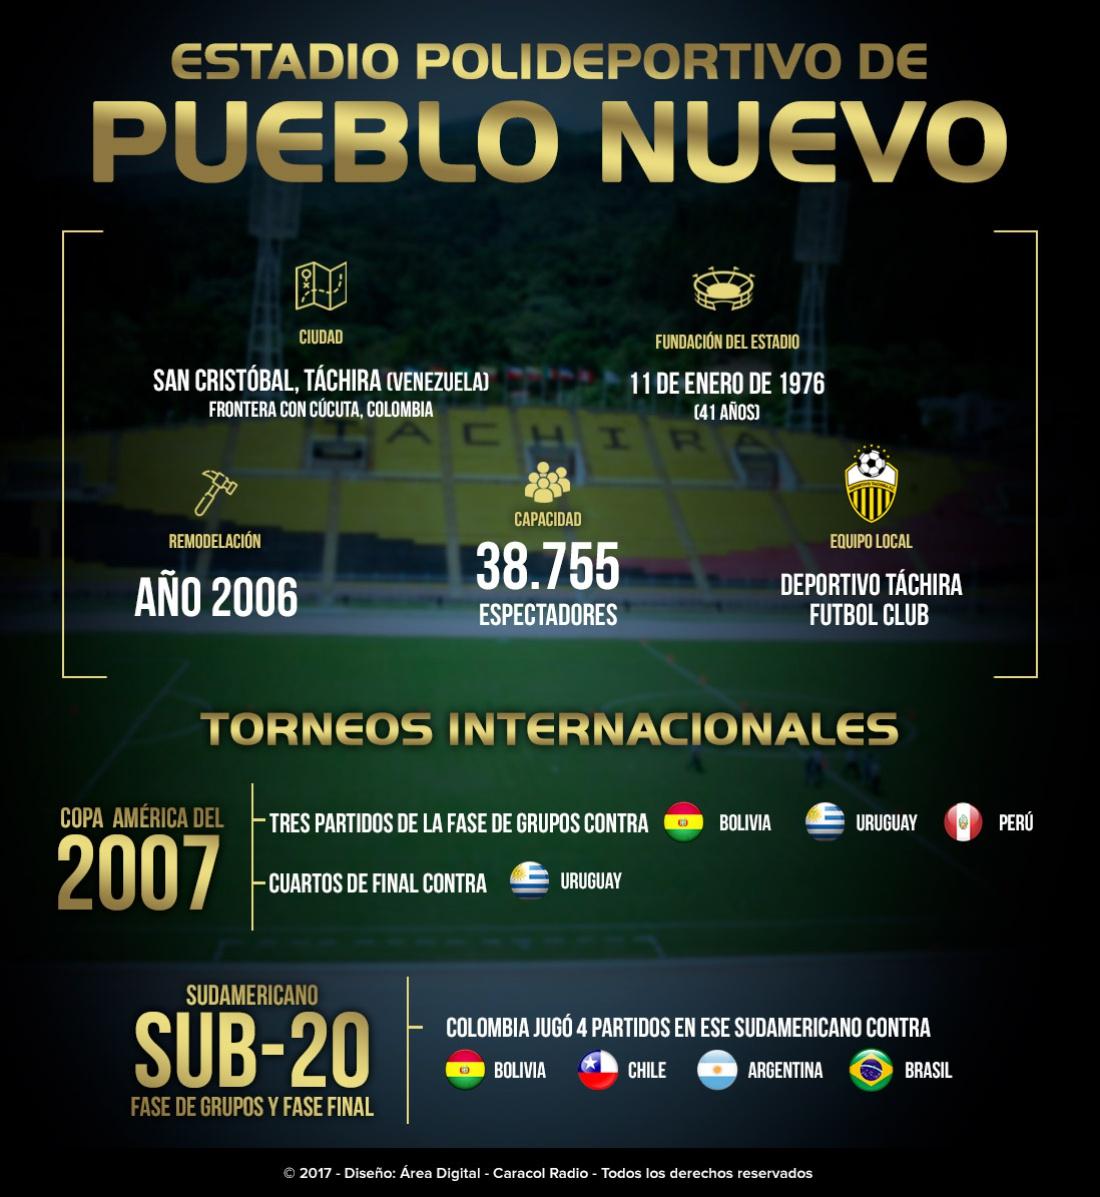 Estadio Pueblo Nuevo Colombia Venezuela: Conozca el estadio Pueblo Nuevo: sede del juego entre Colombia y Venezuela